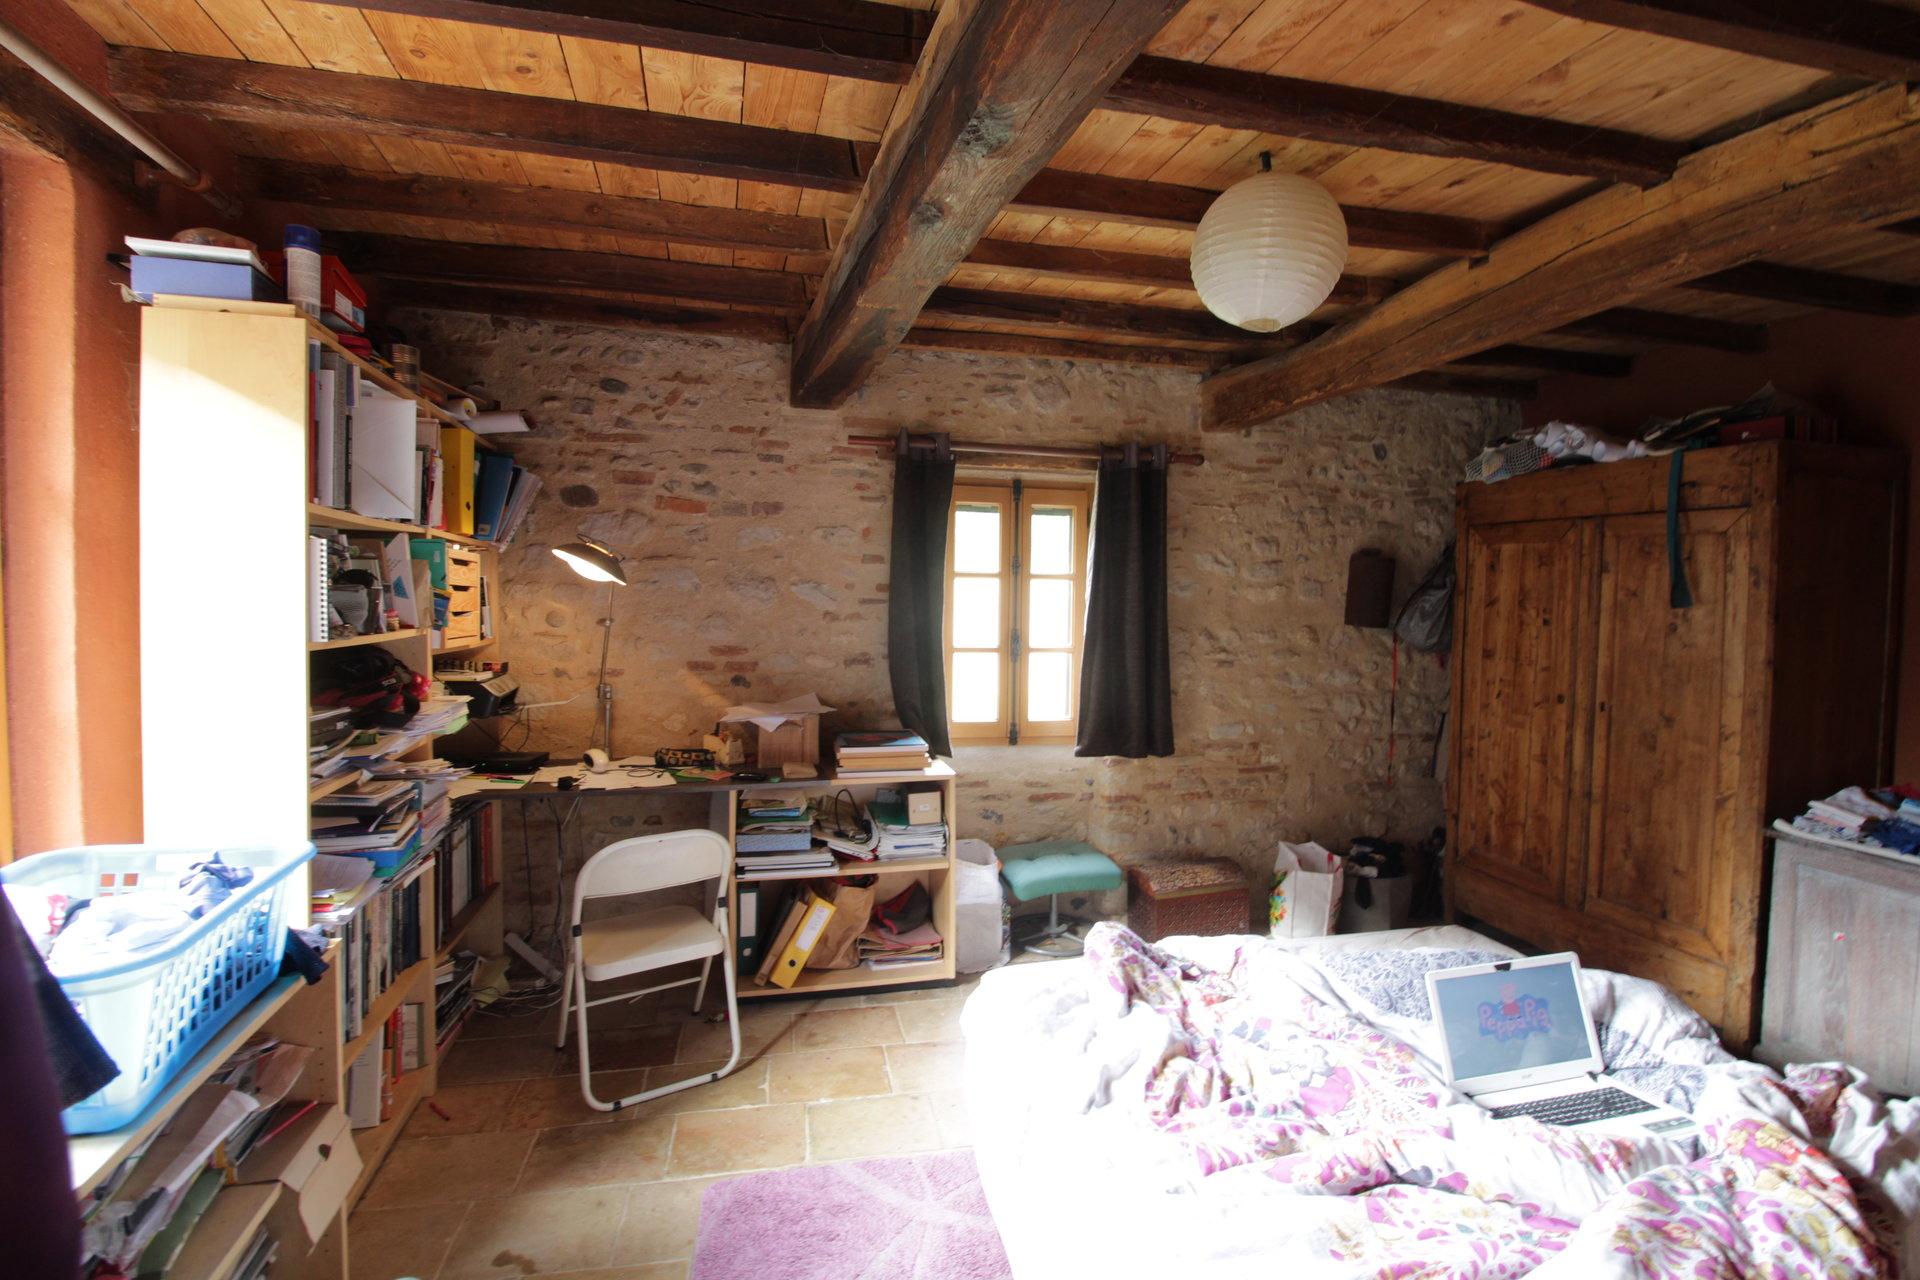 GAILLAC - CORPS DE FERME DU 19EME: T5 + T2 + Maison à rénover à 30mn de Toulouse